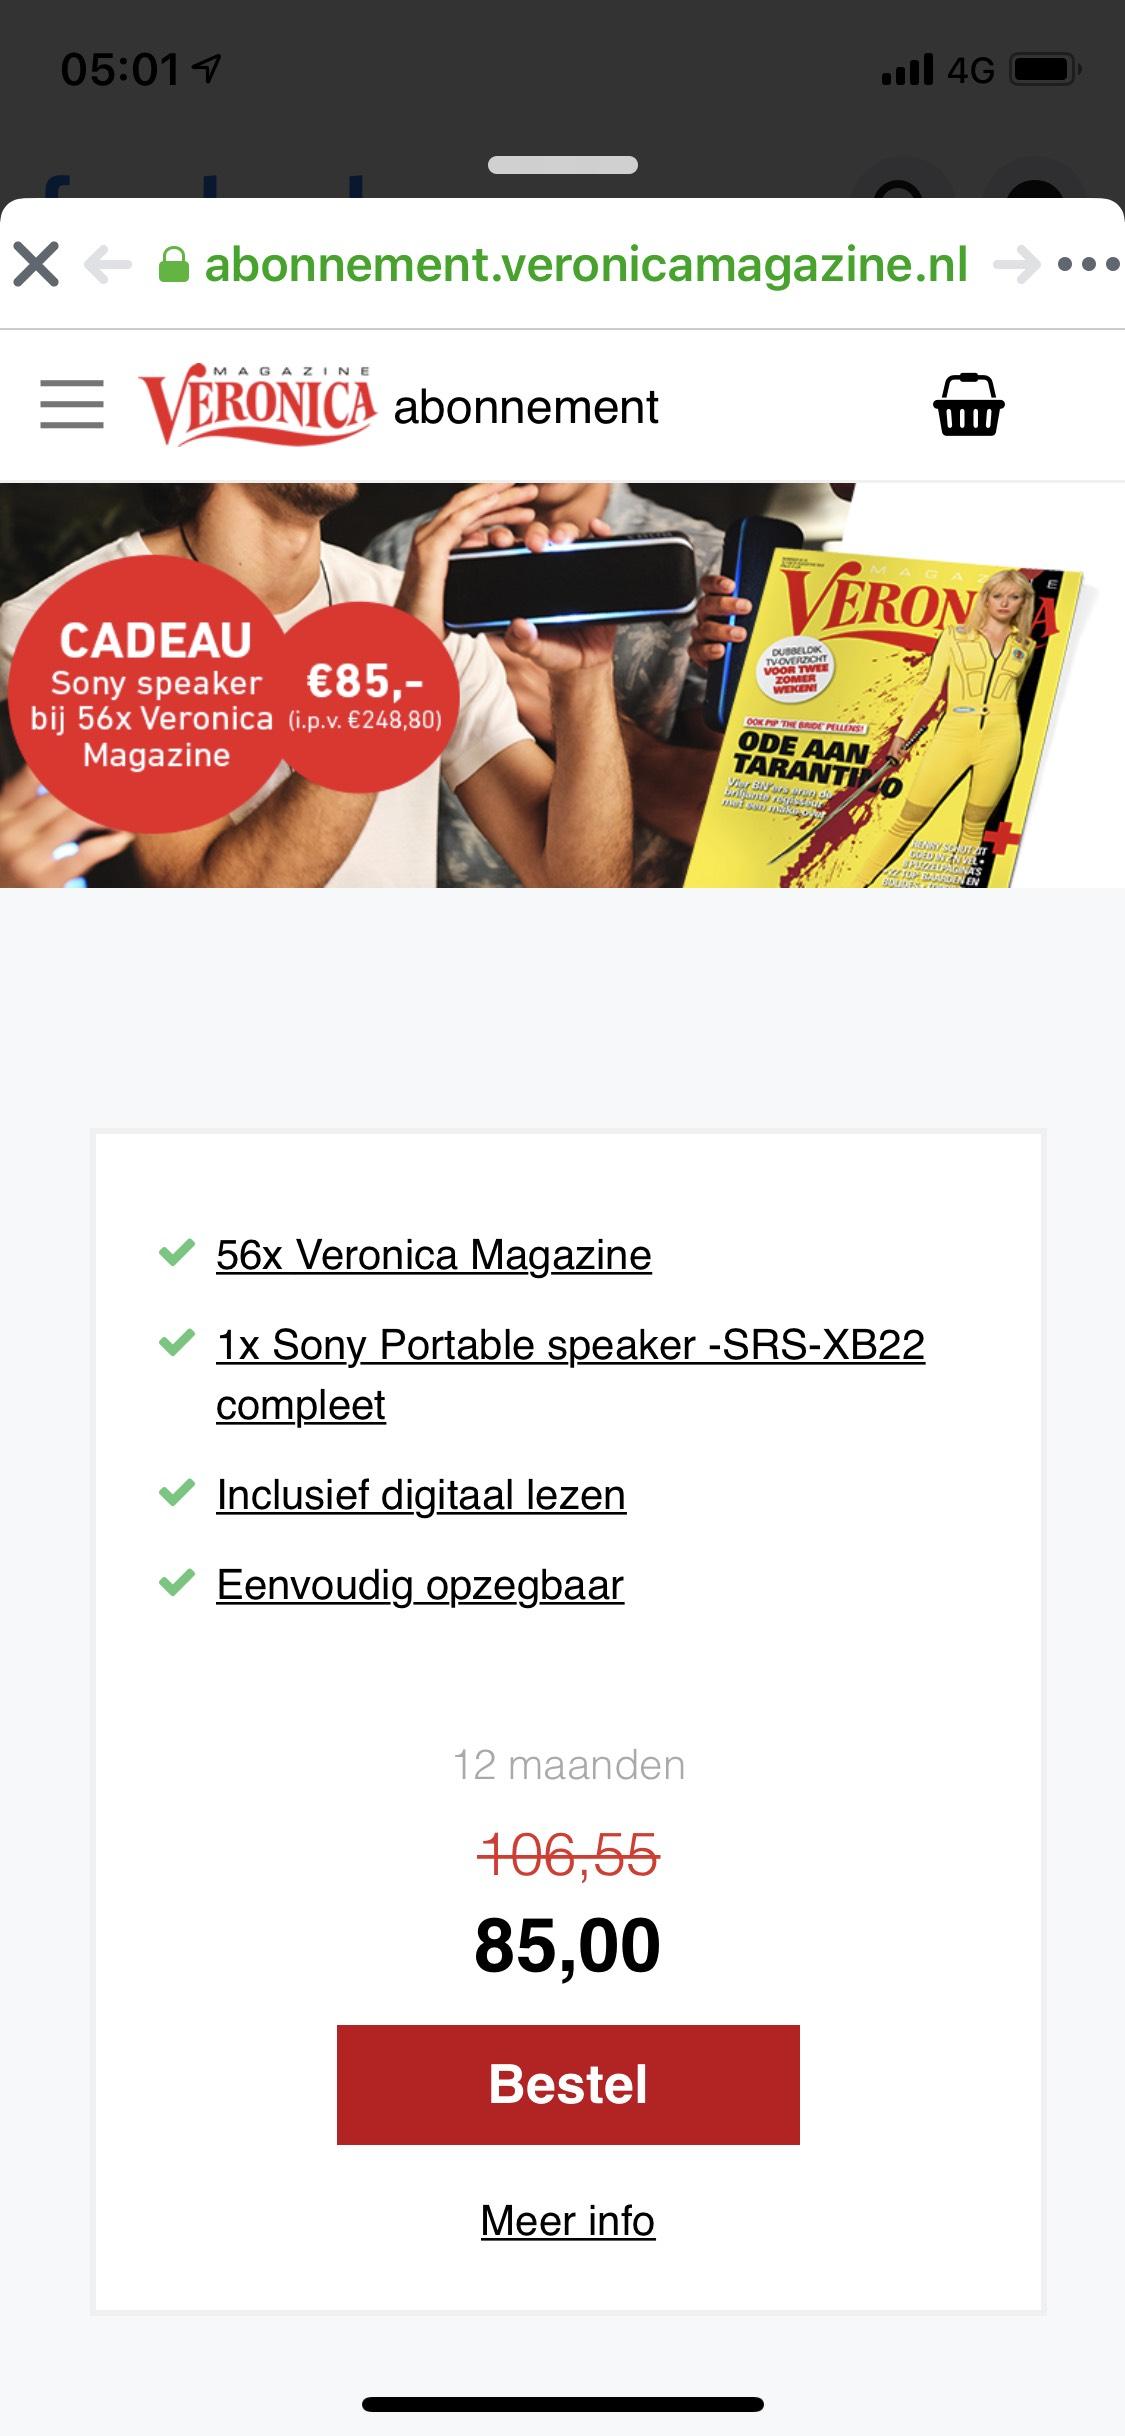 Gratis Sony speaker twv €120,- bij een Veronica magazine voor €85,- voor 1 jaar